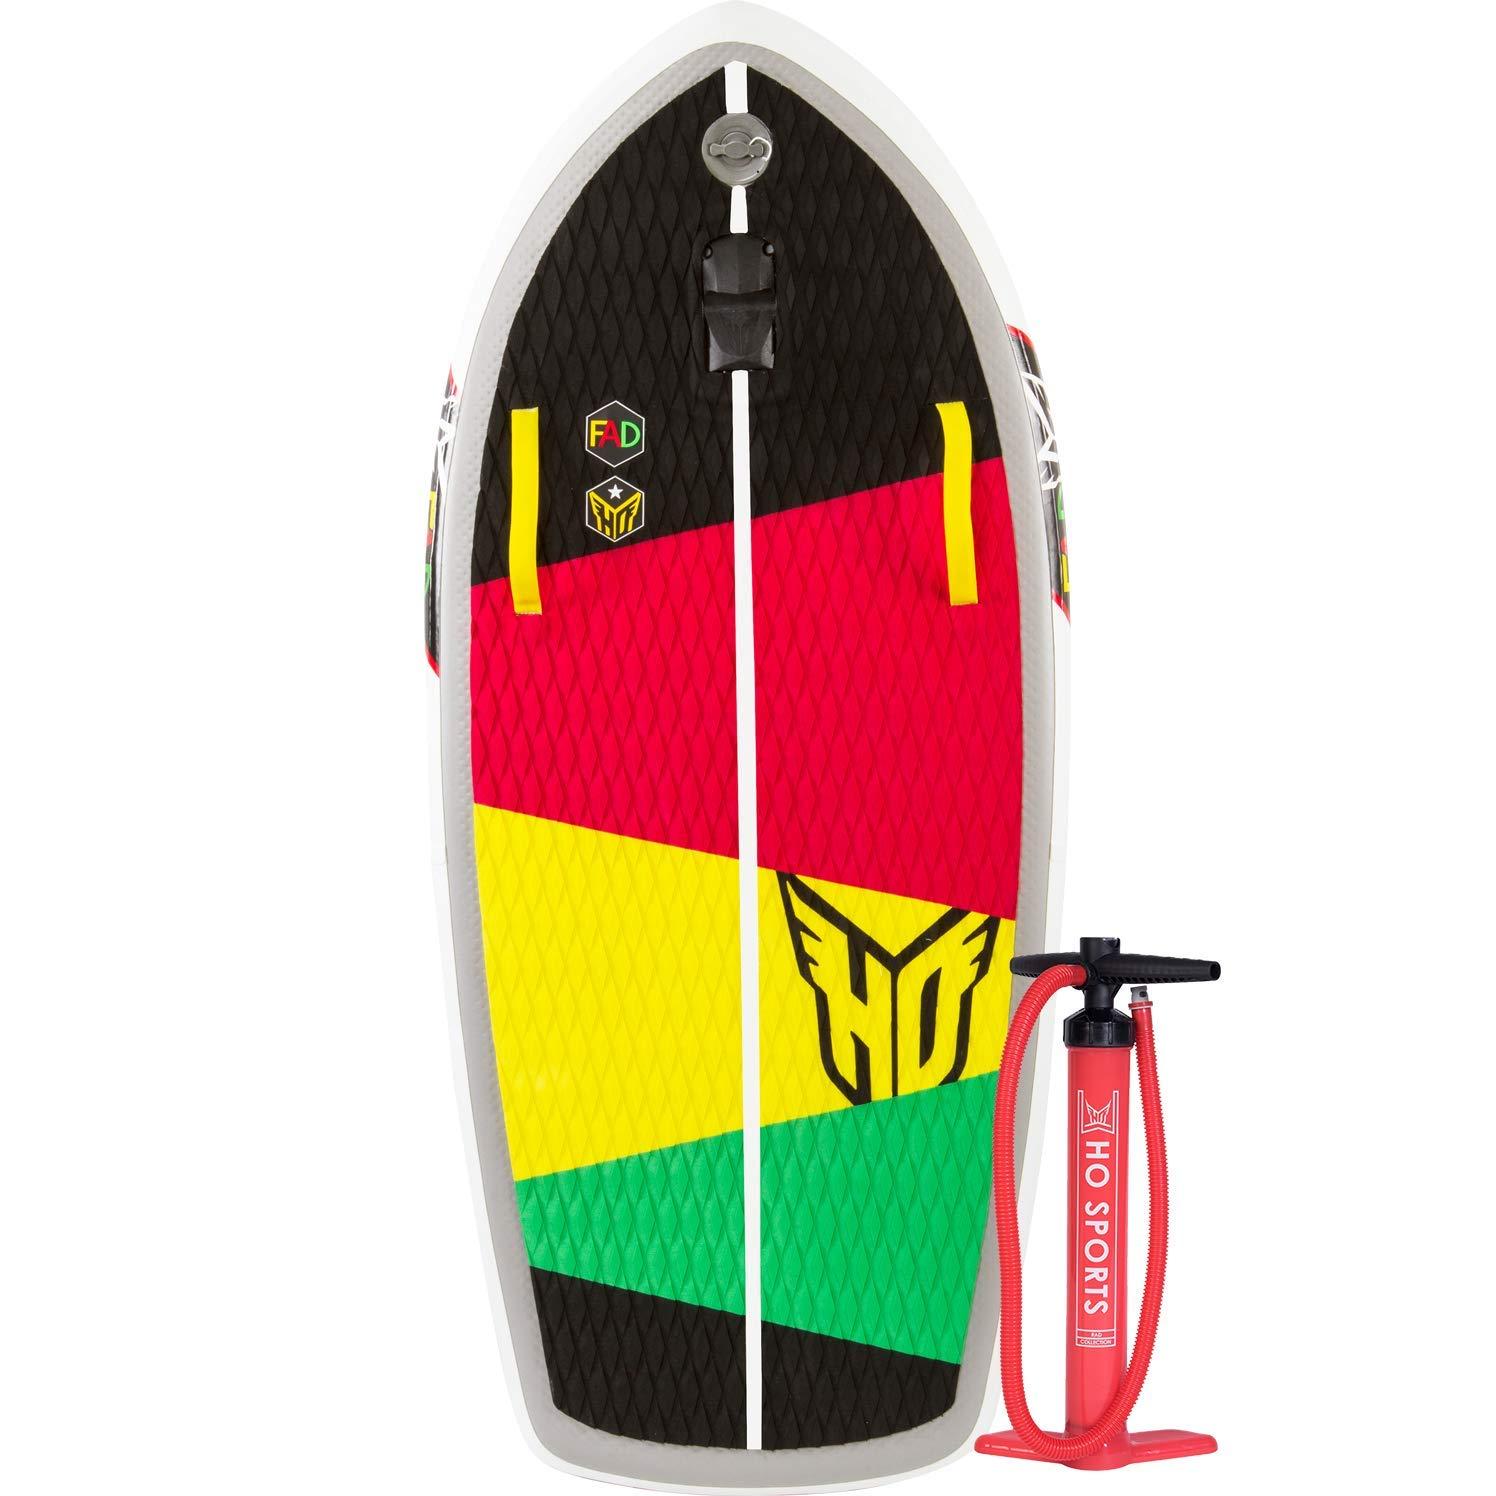 Ho Fad Inflatable Board 5L